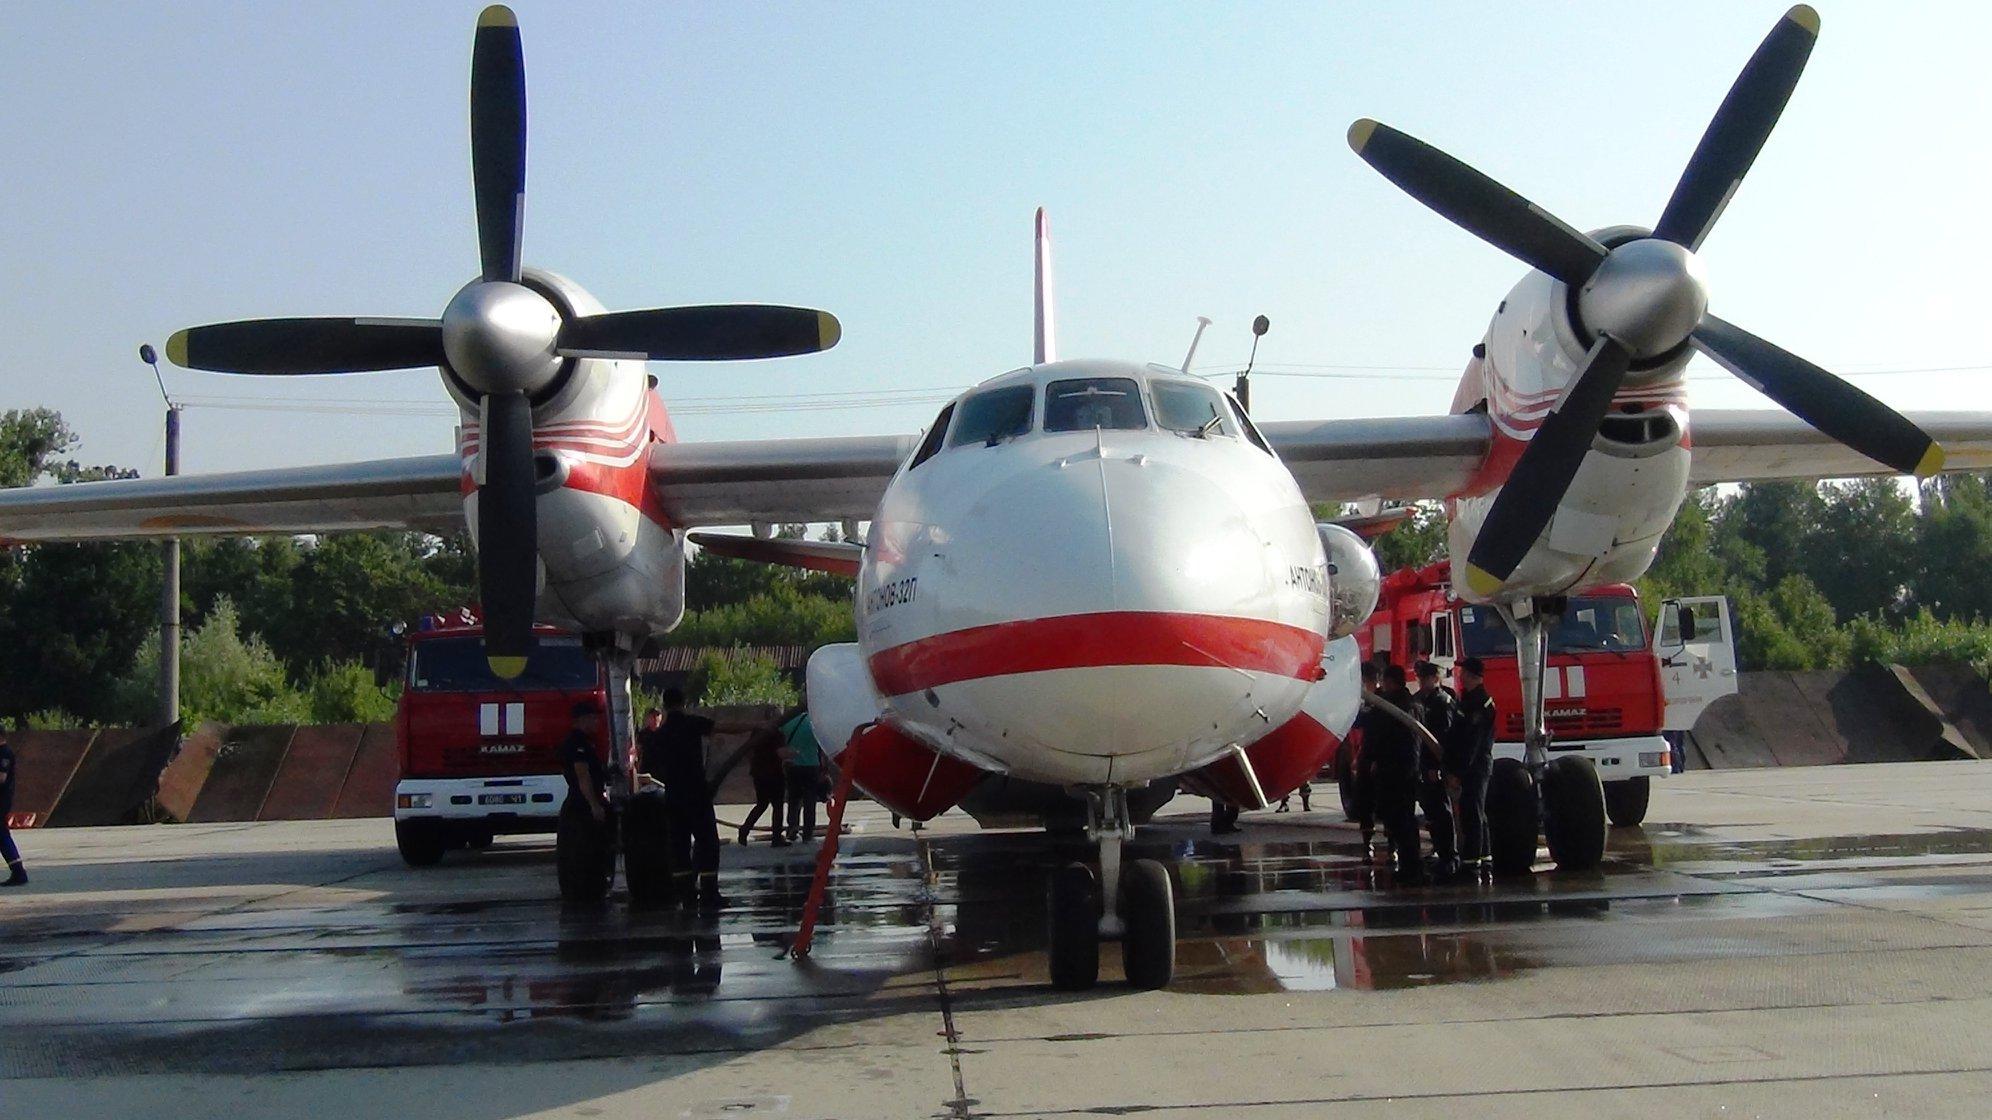 Прикарпатські рятувальники вчаться гасити лісові пожежі з літаків та гелікоптерів 2